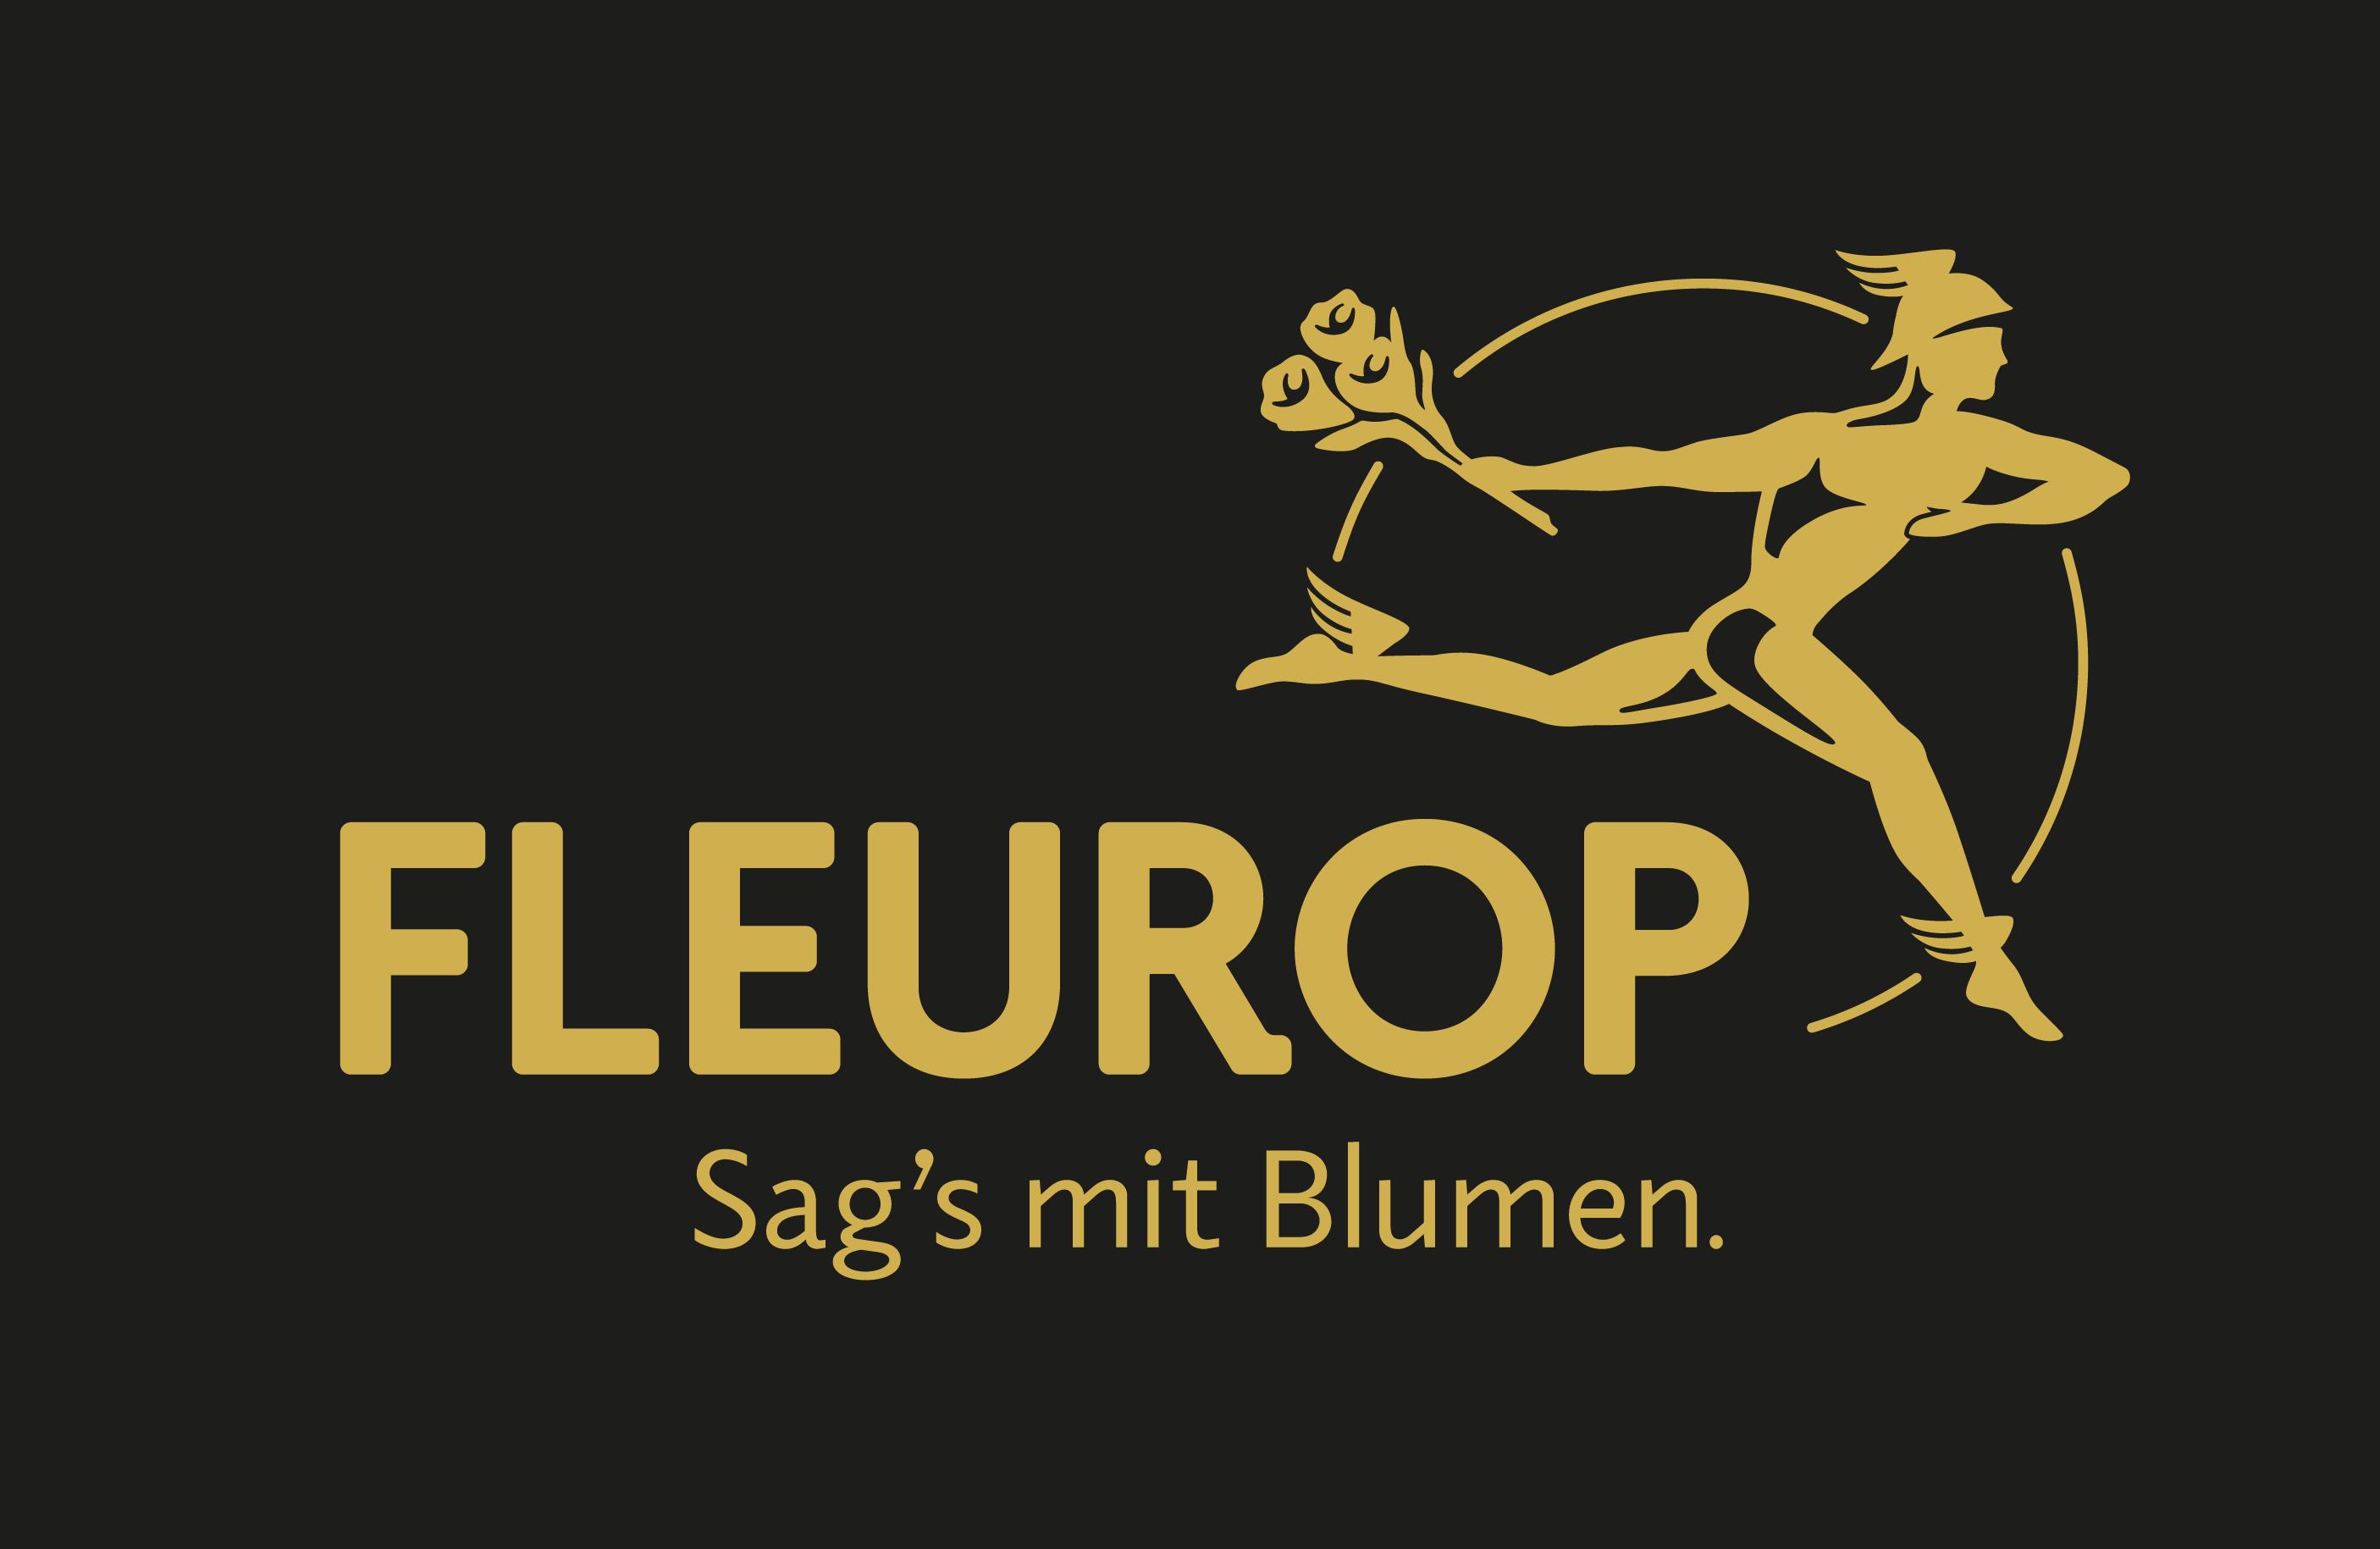 Fleurop Sag´s mit Blumen